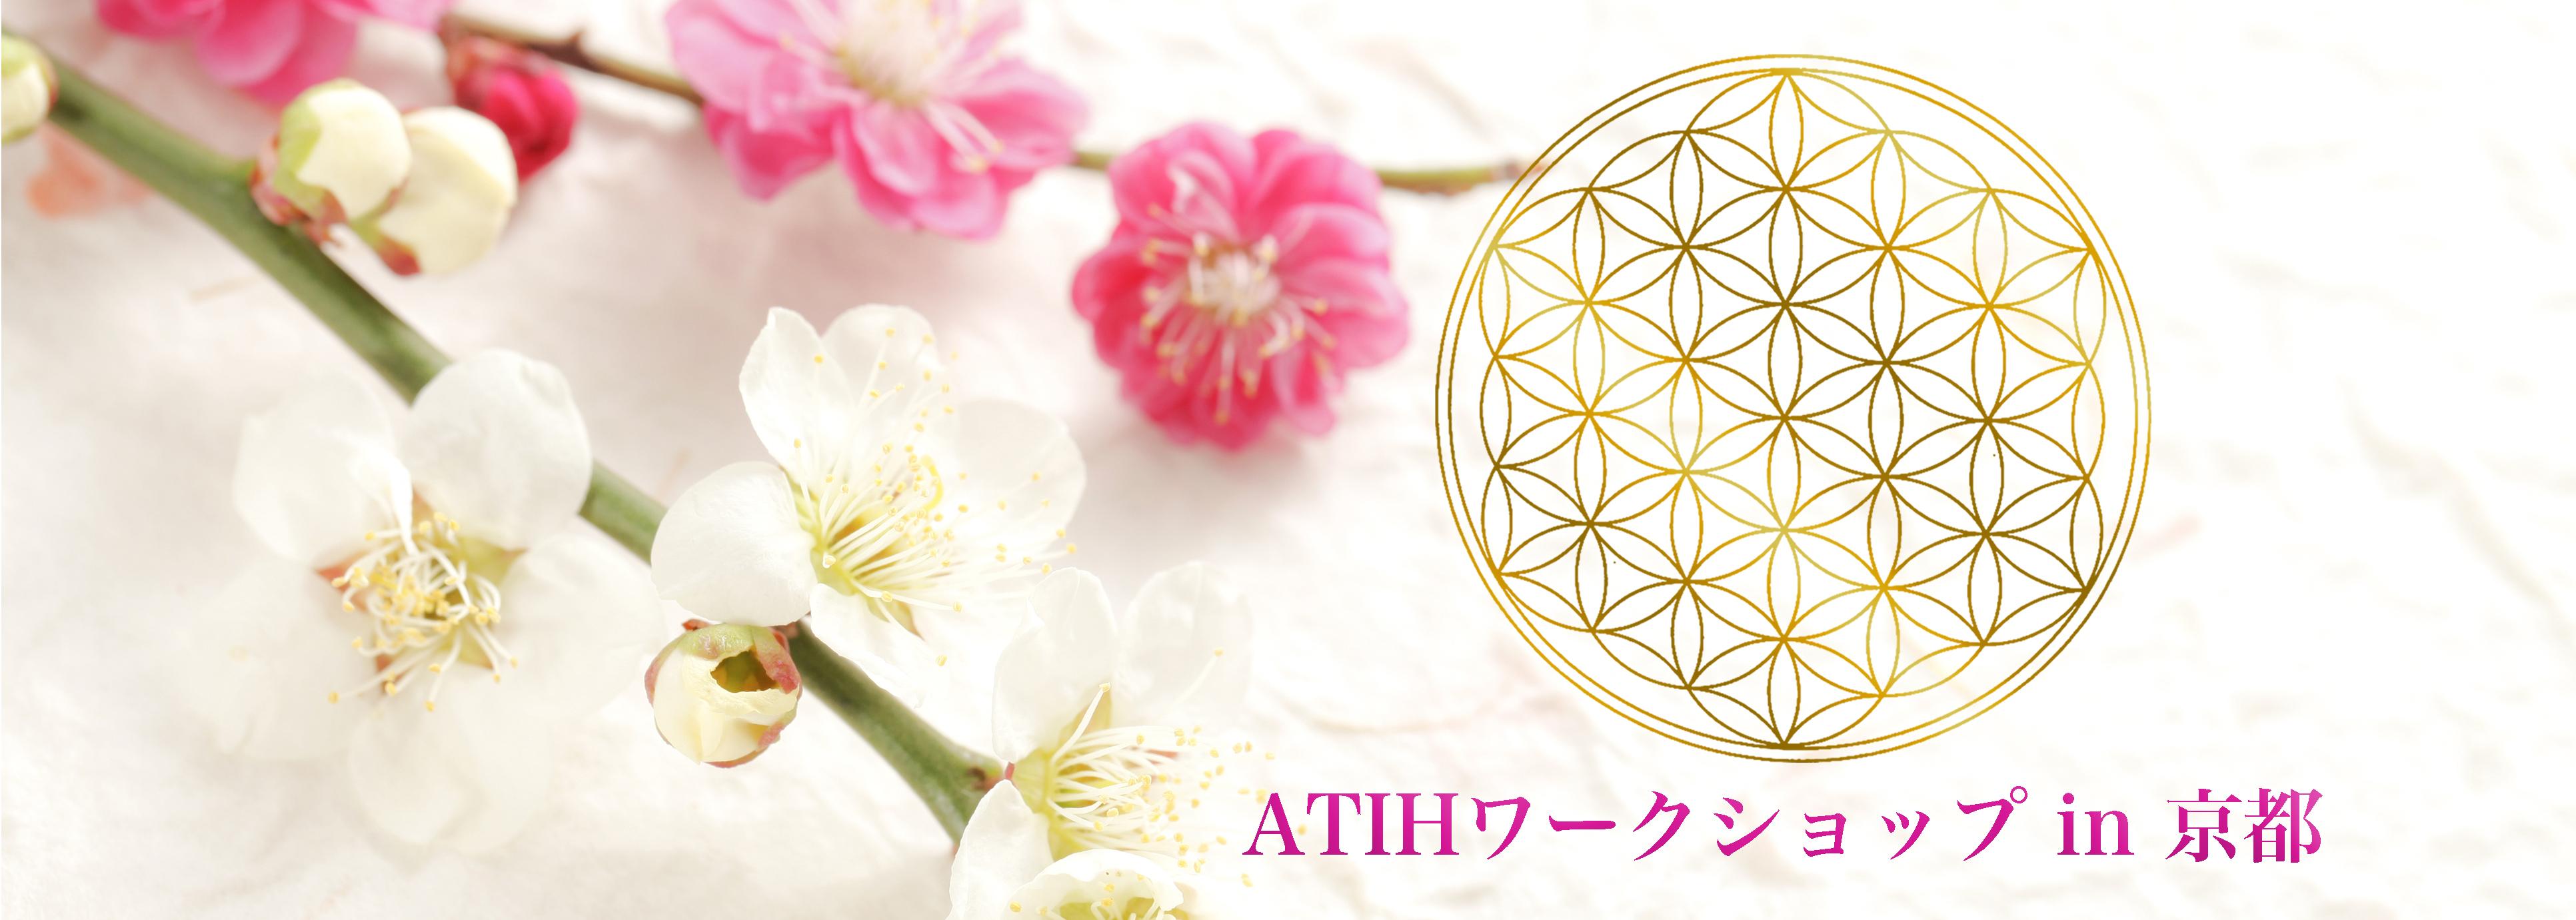 2018年新春のATIHワークショップ in 京都